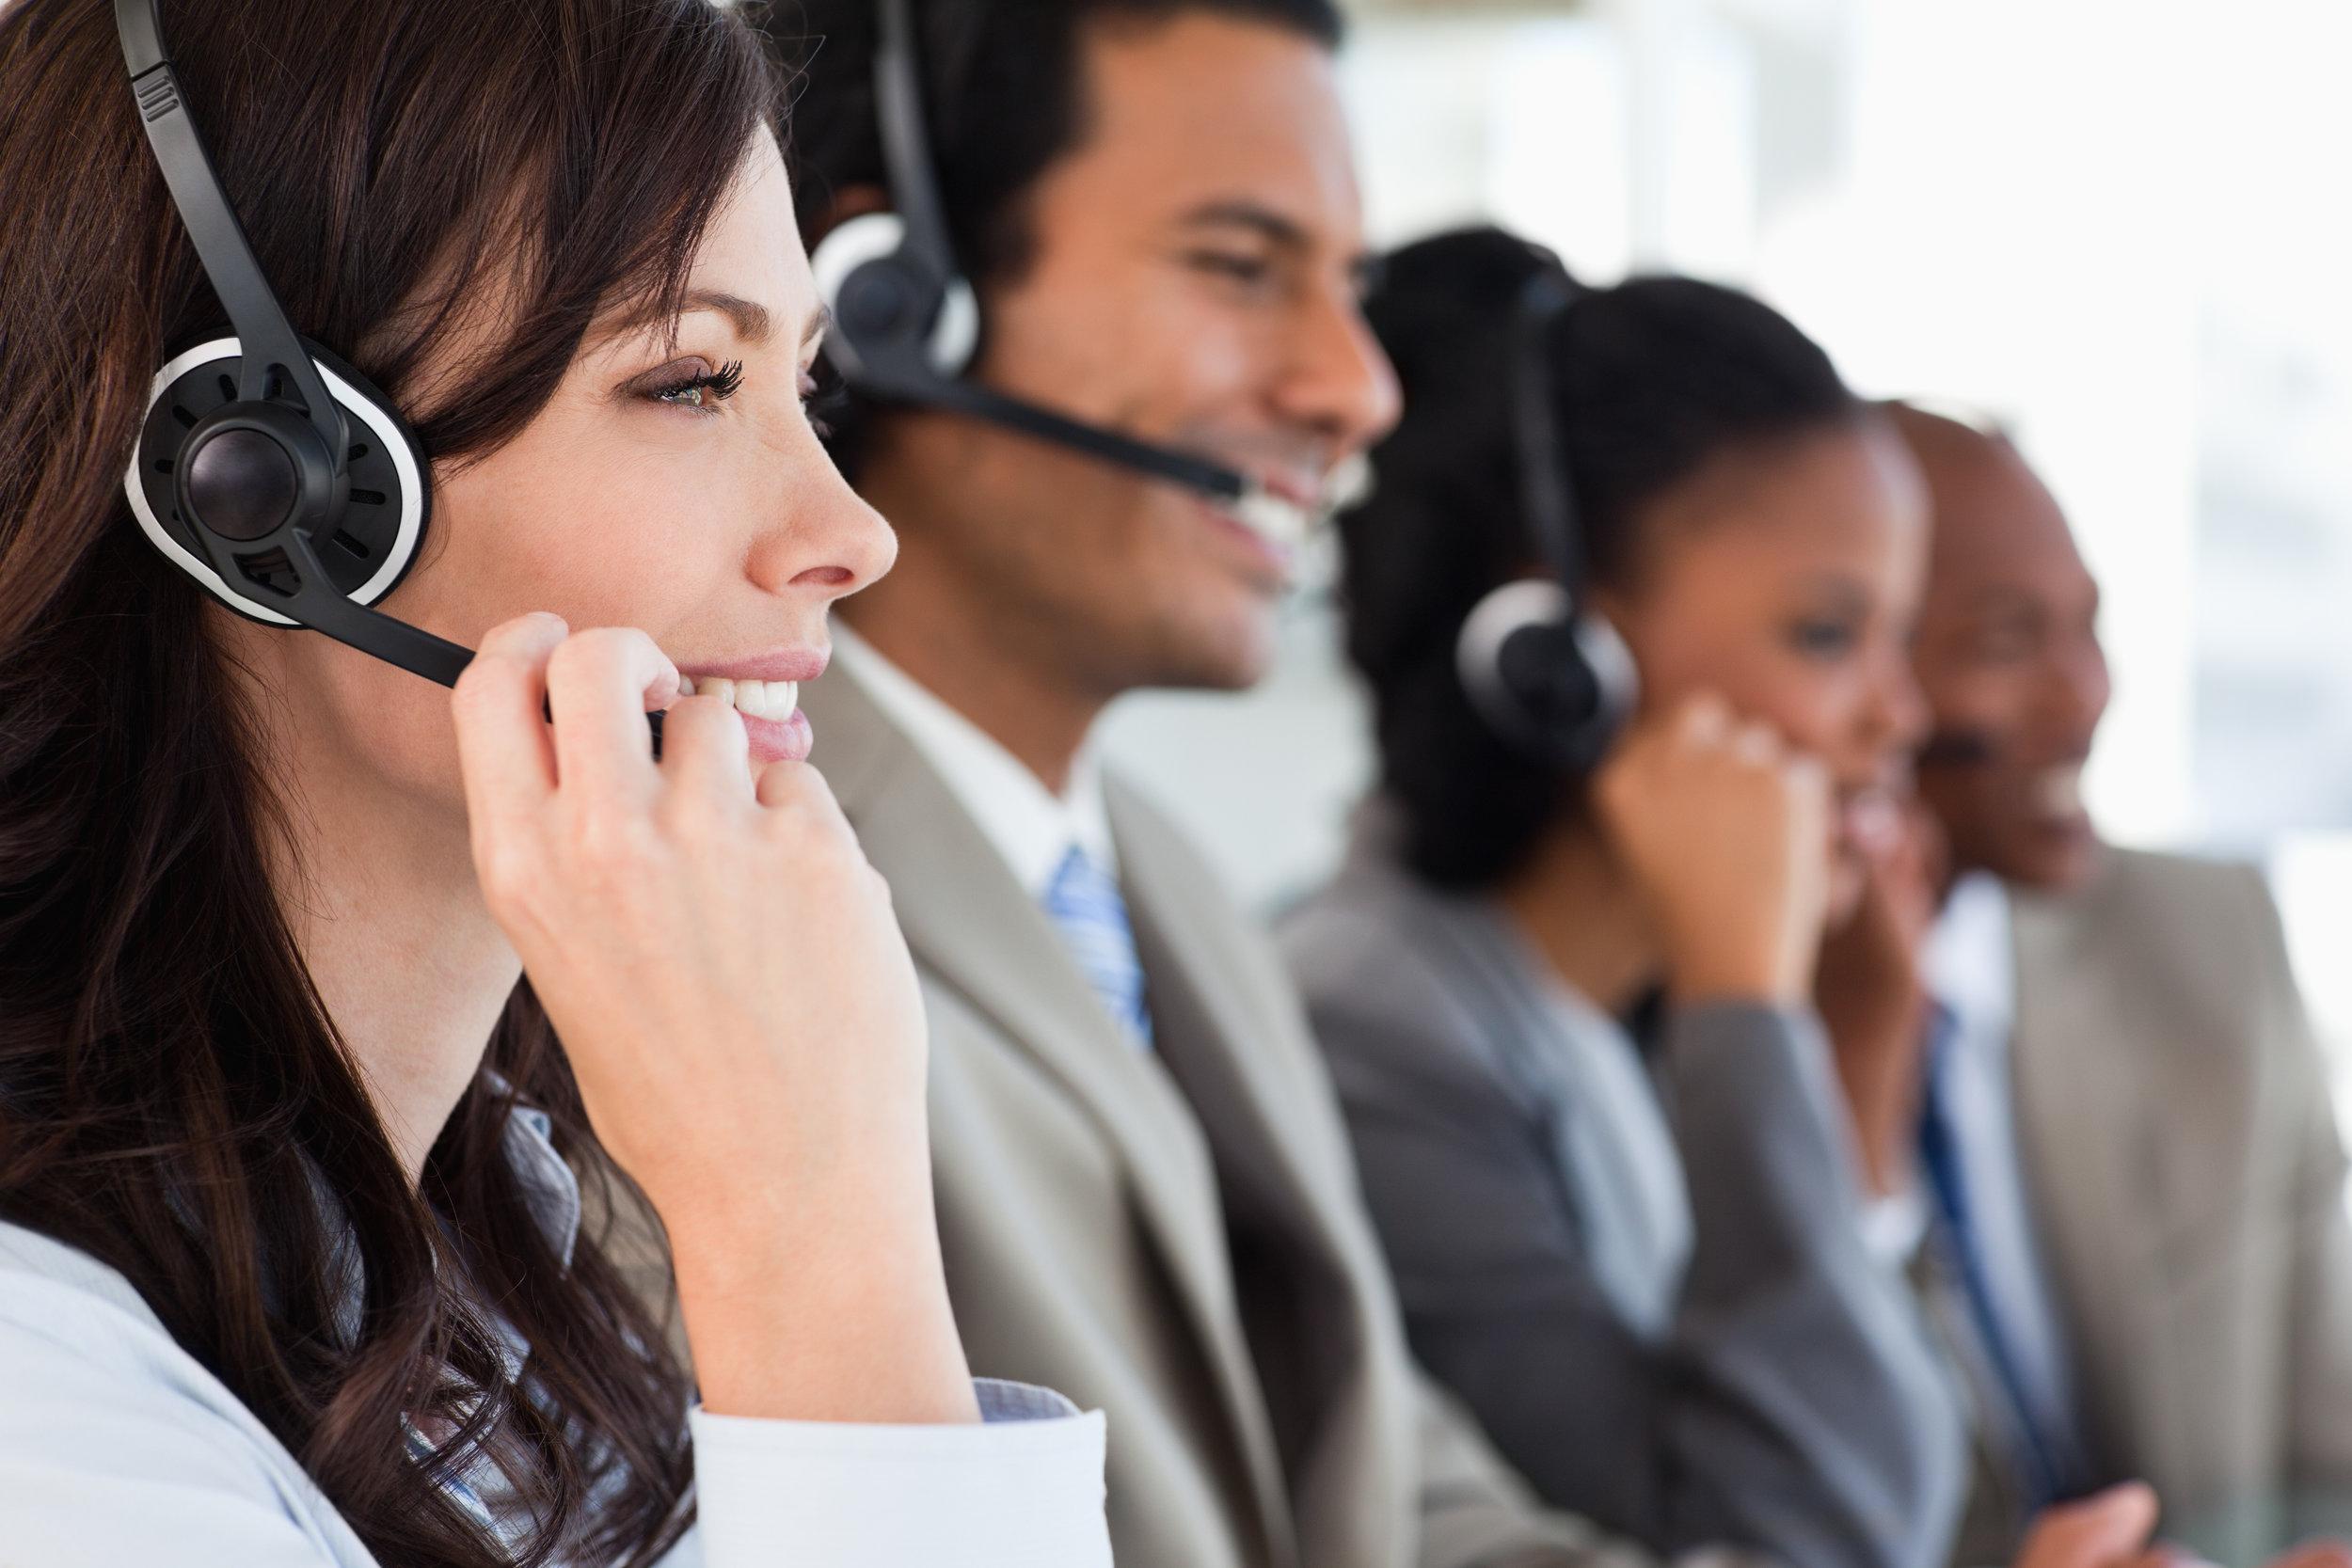 Centrale de surveillance ULC - Notre centrale d'alarme est homologuée U.L.C et possède une couverture d'assurance en responsabilité professionnelle valide. De plus, les opérateurs de notre centrale d'alarme reçoivent un entraînement continu afin qu'ils soient continuellement à l'affût des dernières technologies.Notre centrale d'alarme offre un service professionnel, bilingue, avec des opérateurs compétents, entraînés et prêts à vous aider. Nous offrons donc une gamme complète de produits et de services de surveillance 24 heures standardisés et testés.